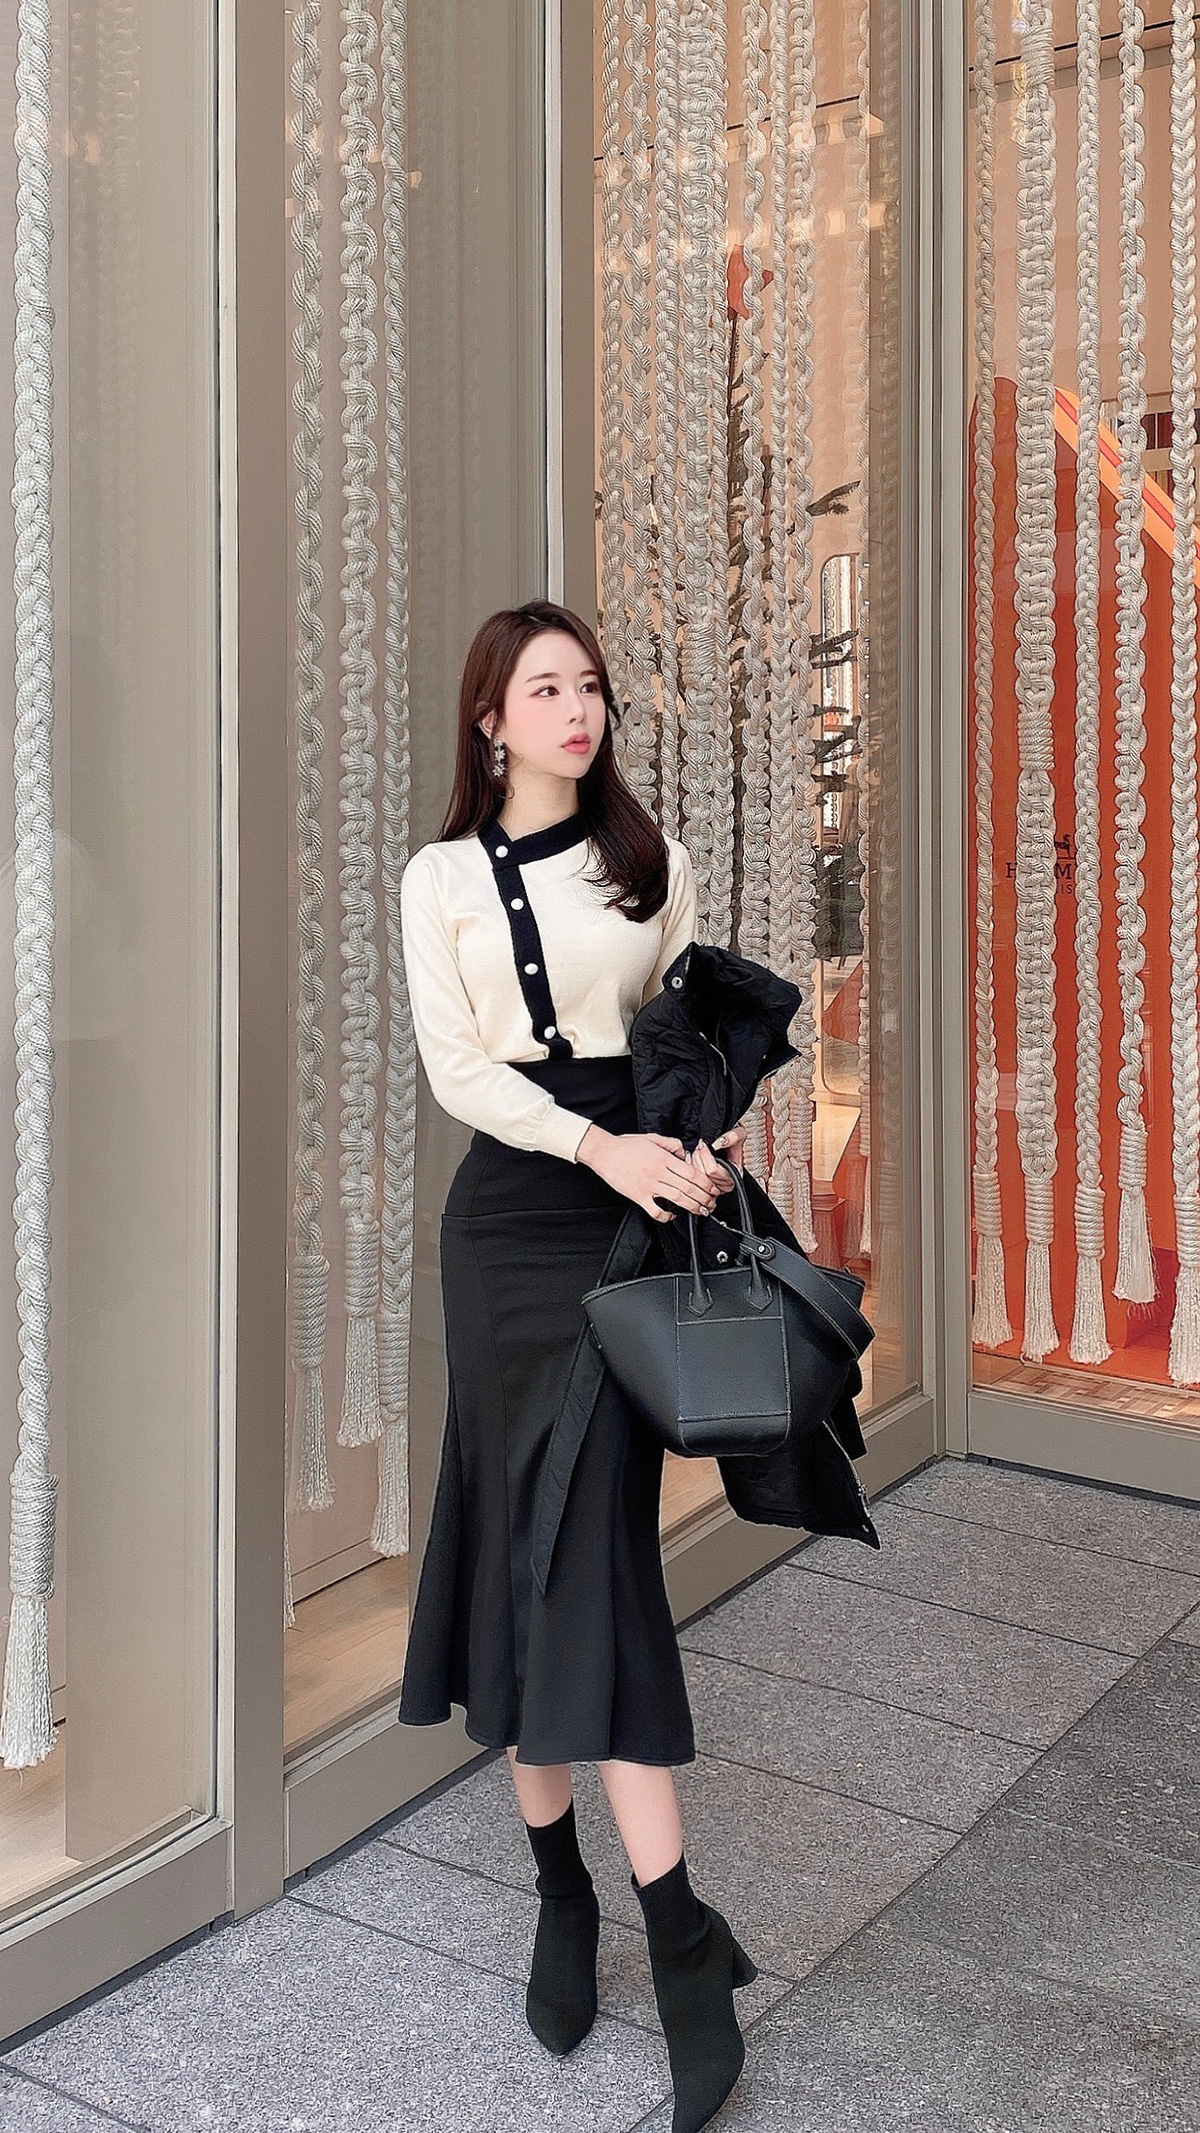 P neck knit top カラー:ブラック、ホワイト、アイボリー